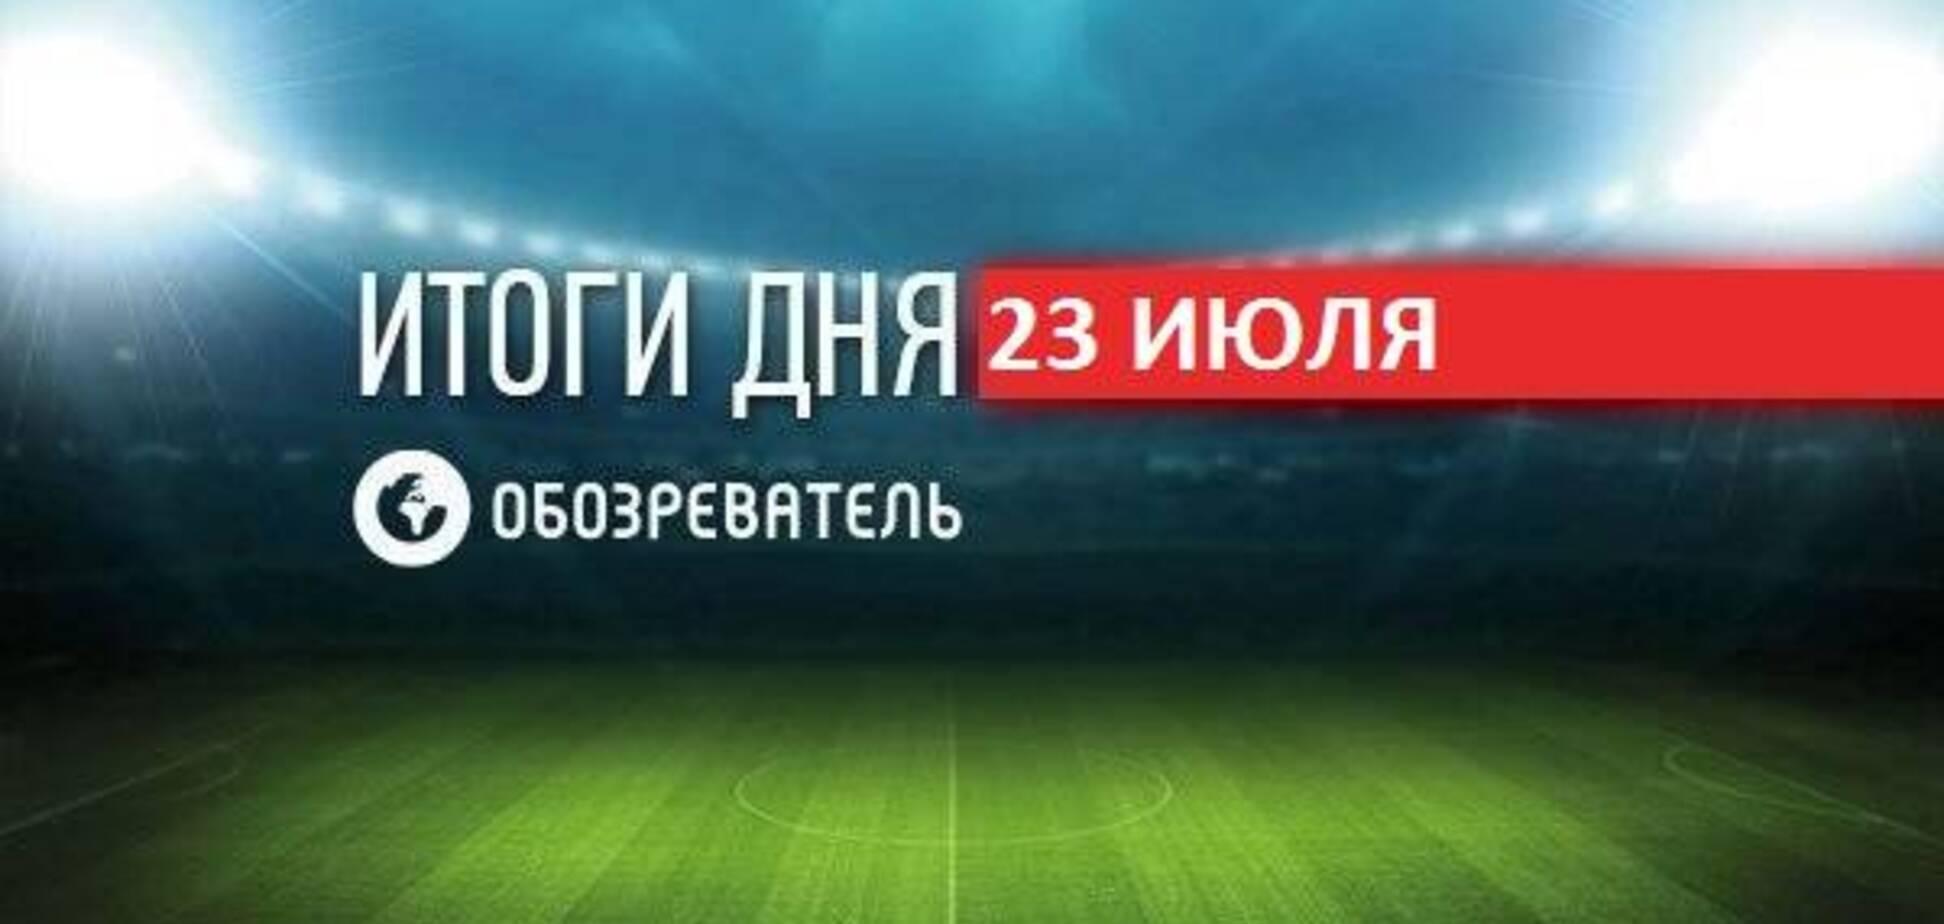 Луческу возглавил 'Динамо': спортивные итоги 23 июля